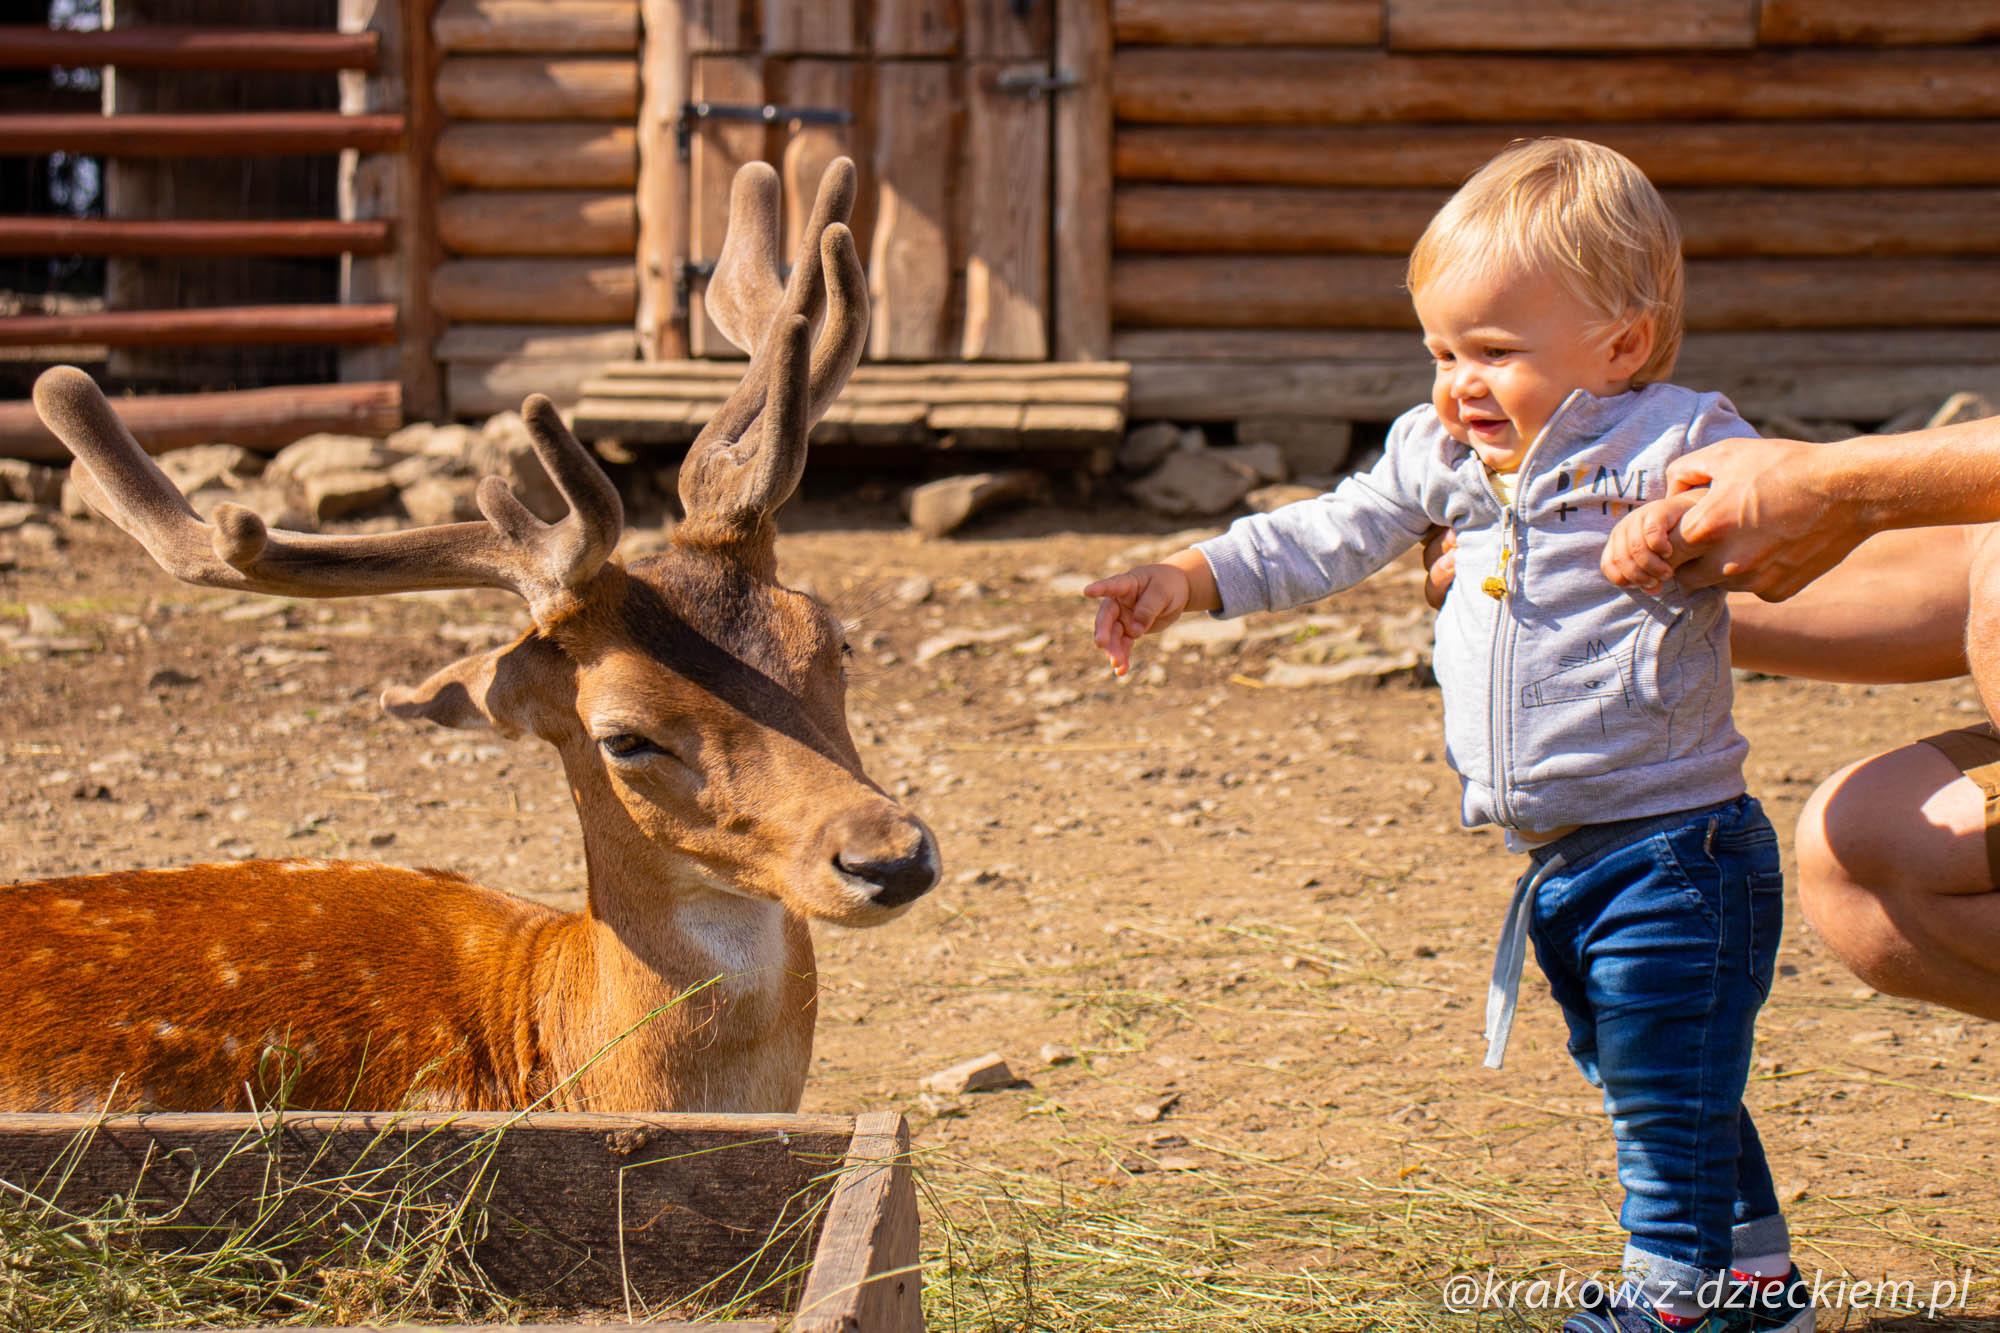 Beskidzki Raj, mini zoo